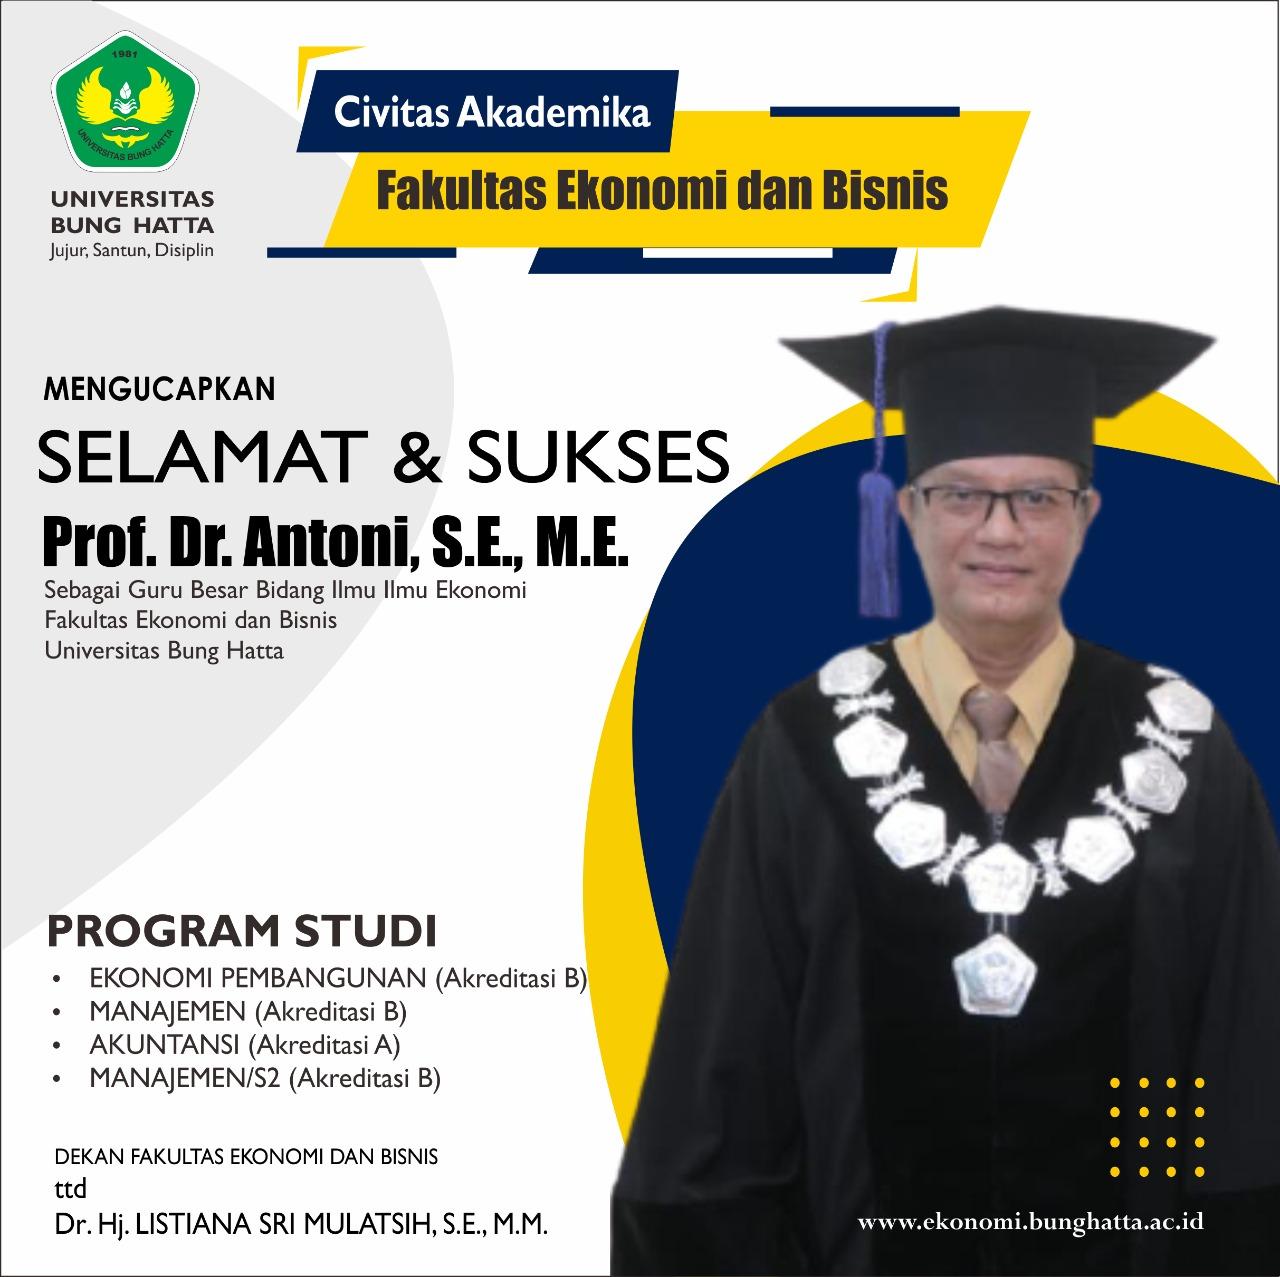 Selamat dan Sukses kepada Prof. Dr. Antoni, S.E., M.E.